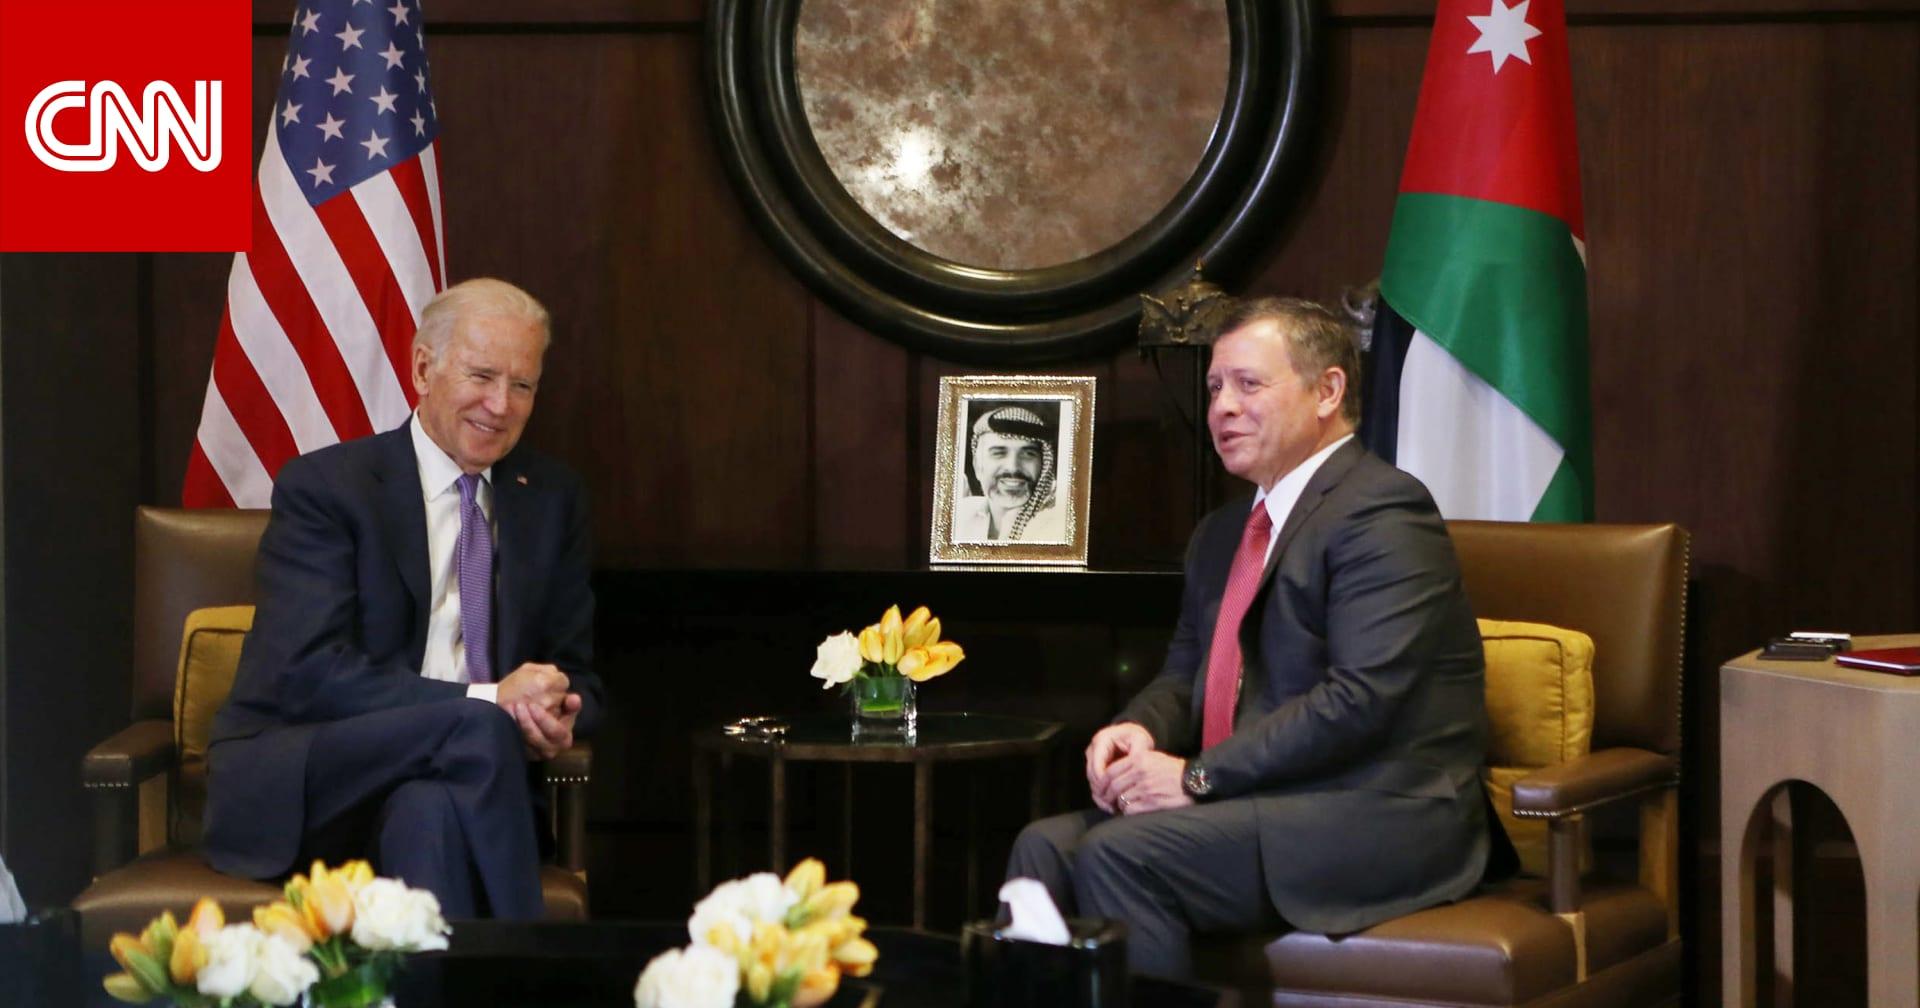 أثارت ضجة واعتبرها البعض تمسّ بالسيادة.. بشار جرار يكتب عن الاتفاقية العسكرية الأخيرة بين أمريكا والأردن